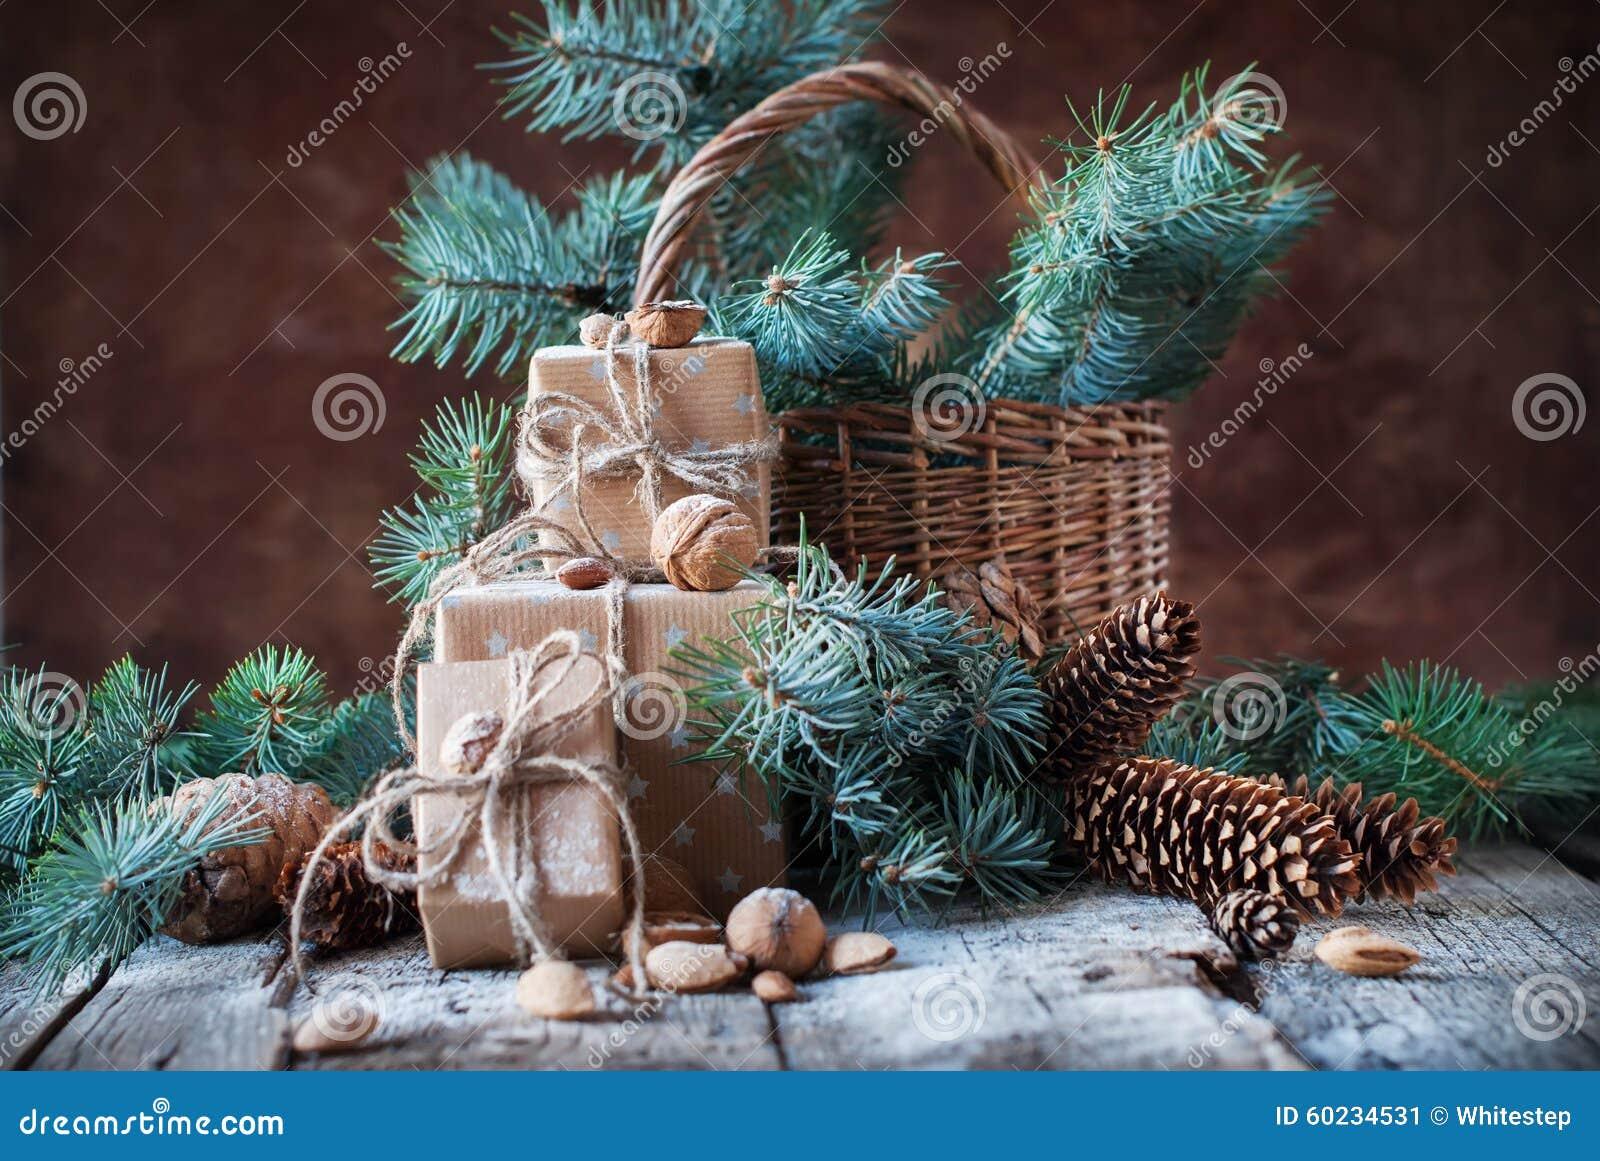 Weihnachtspakete - Weihnachtsgeschenk Kästen, Koniferen, Kiefern ...